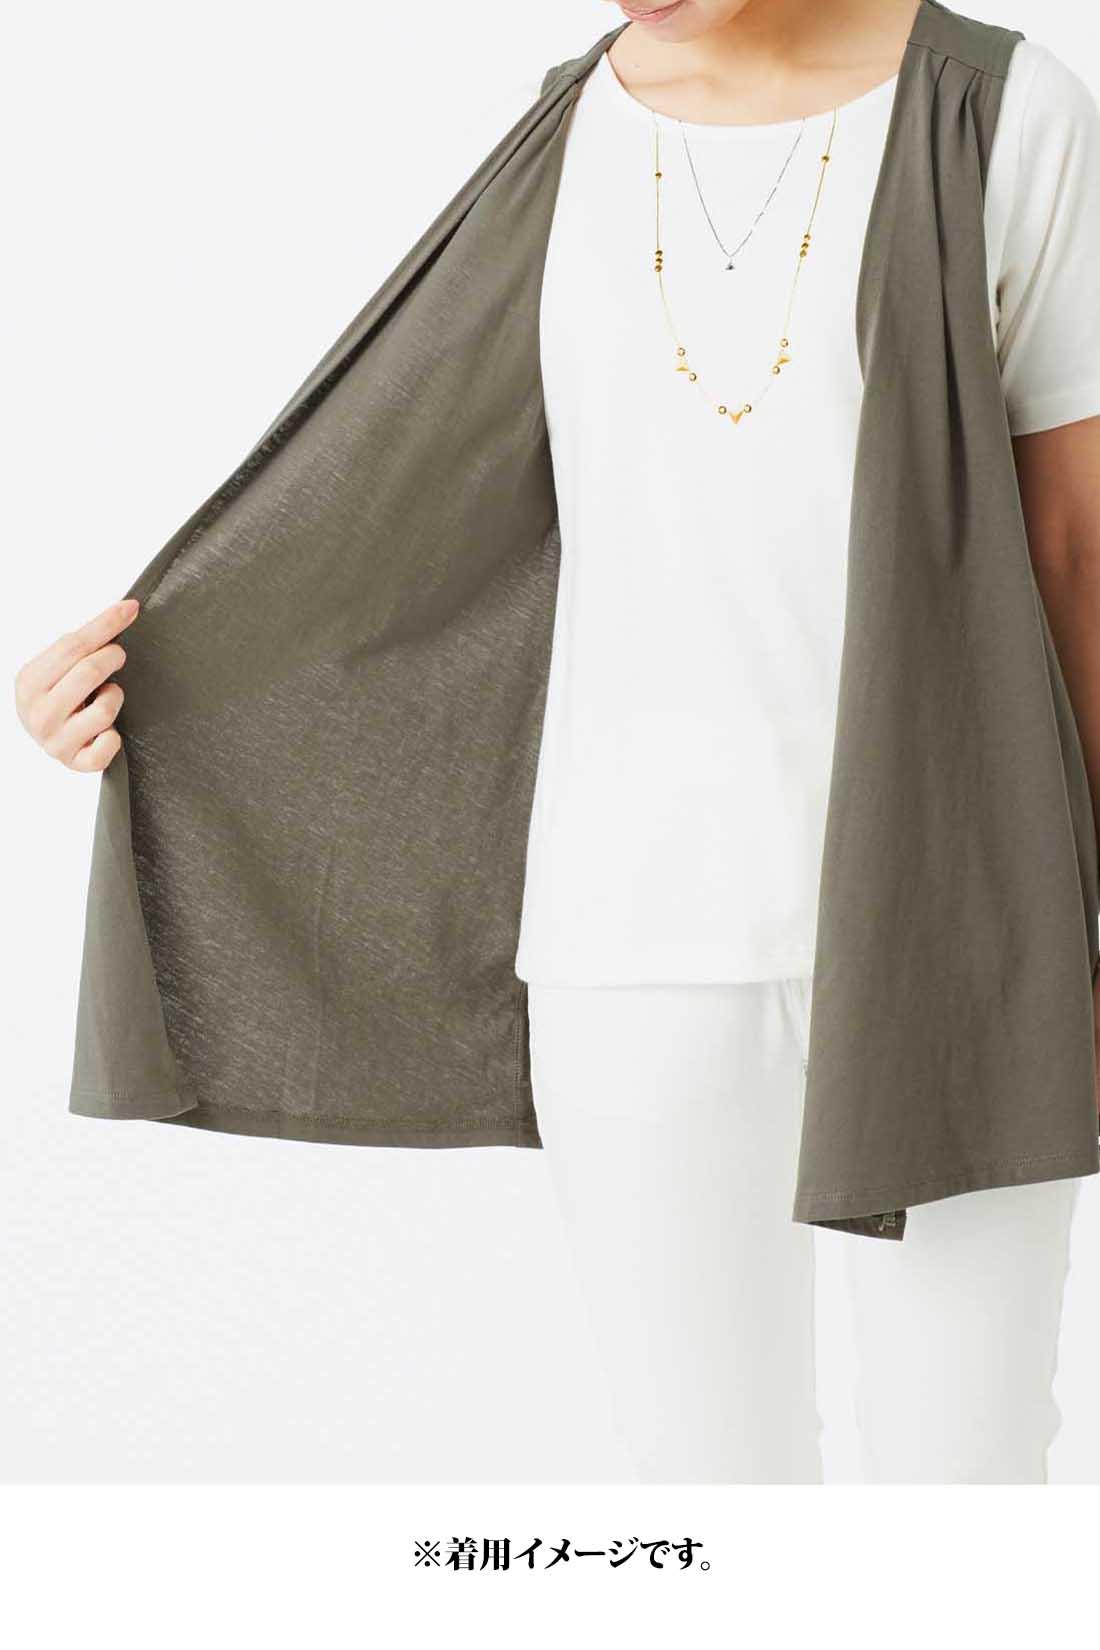 本当に重ねたように見える、ジレとTシャツのドッキング仕様。 ※着用イメージです。お届けするカラーとは異なります。